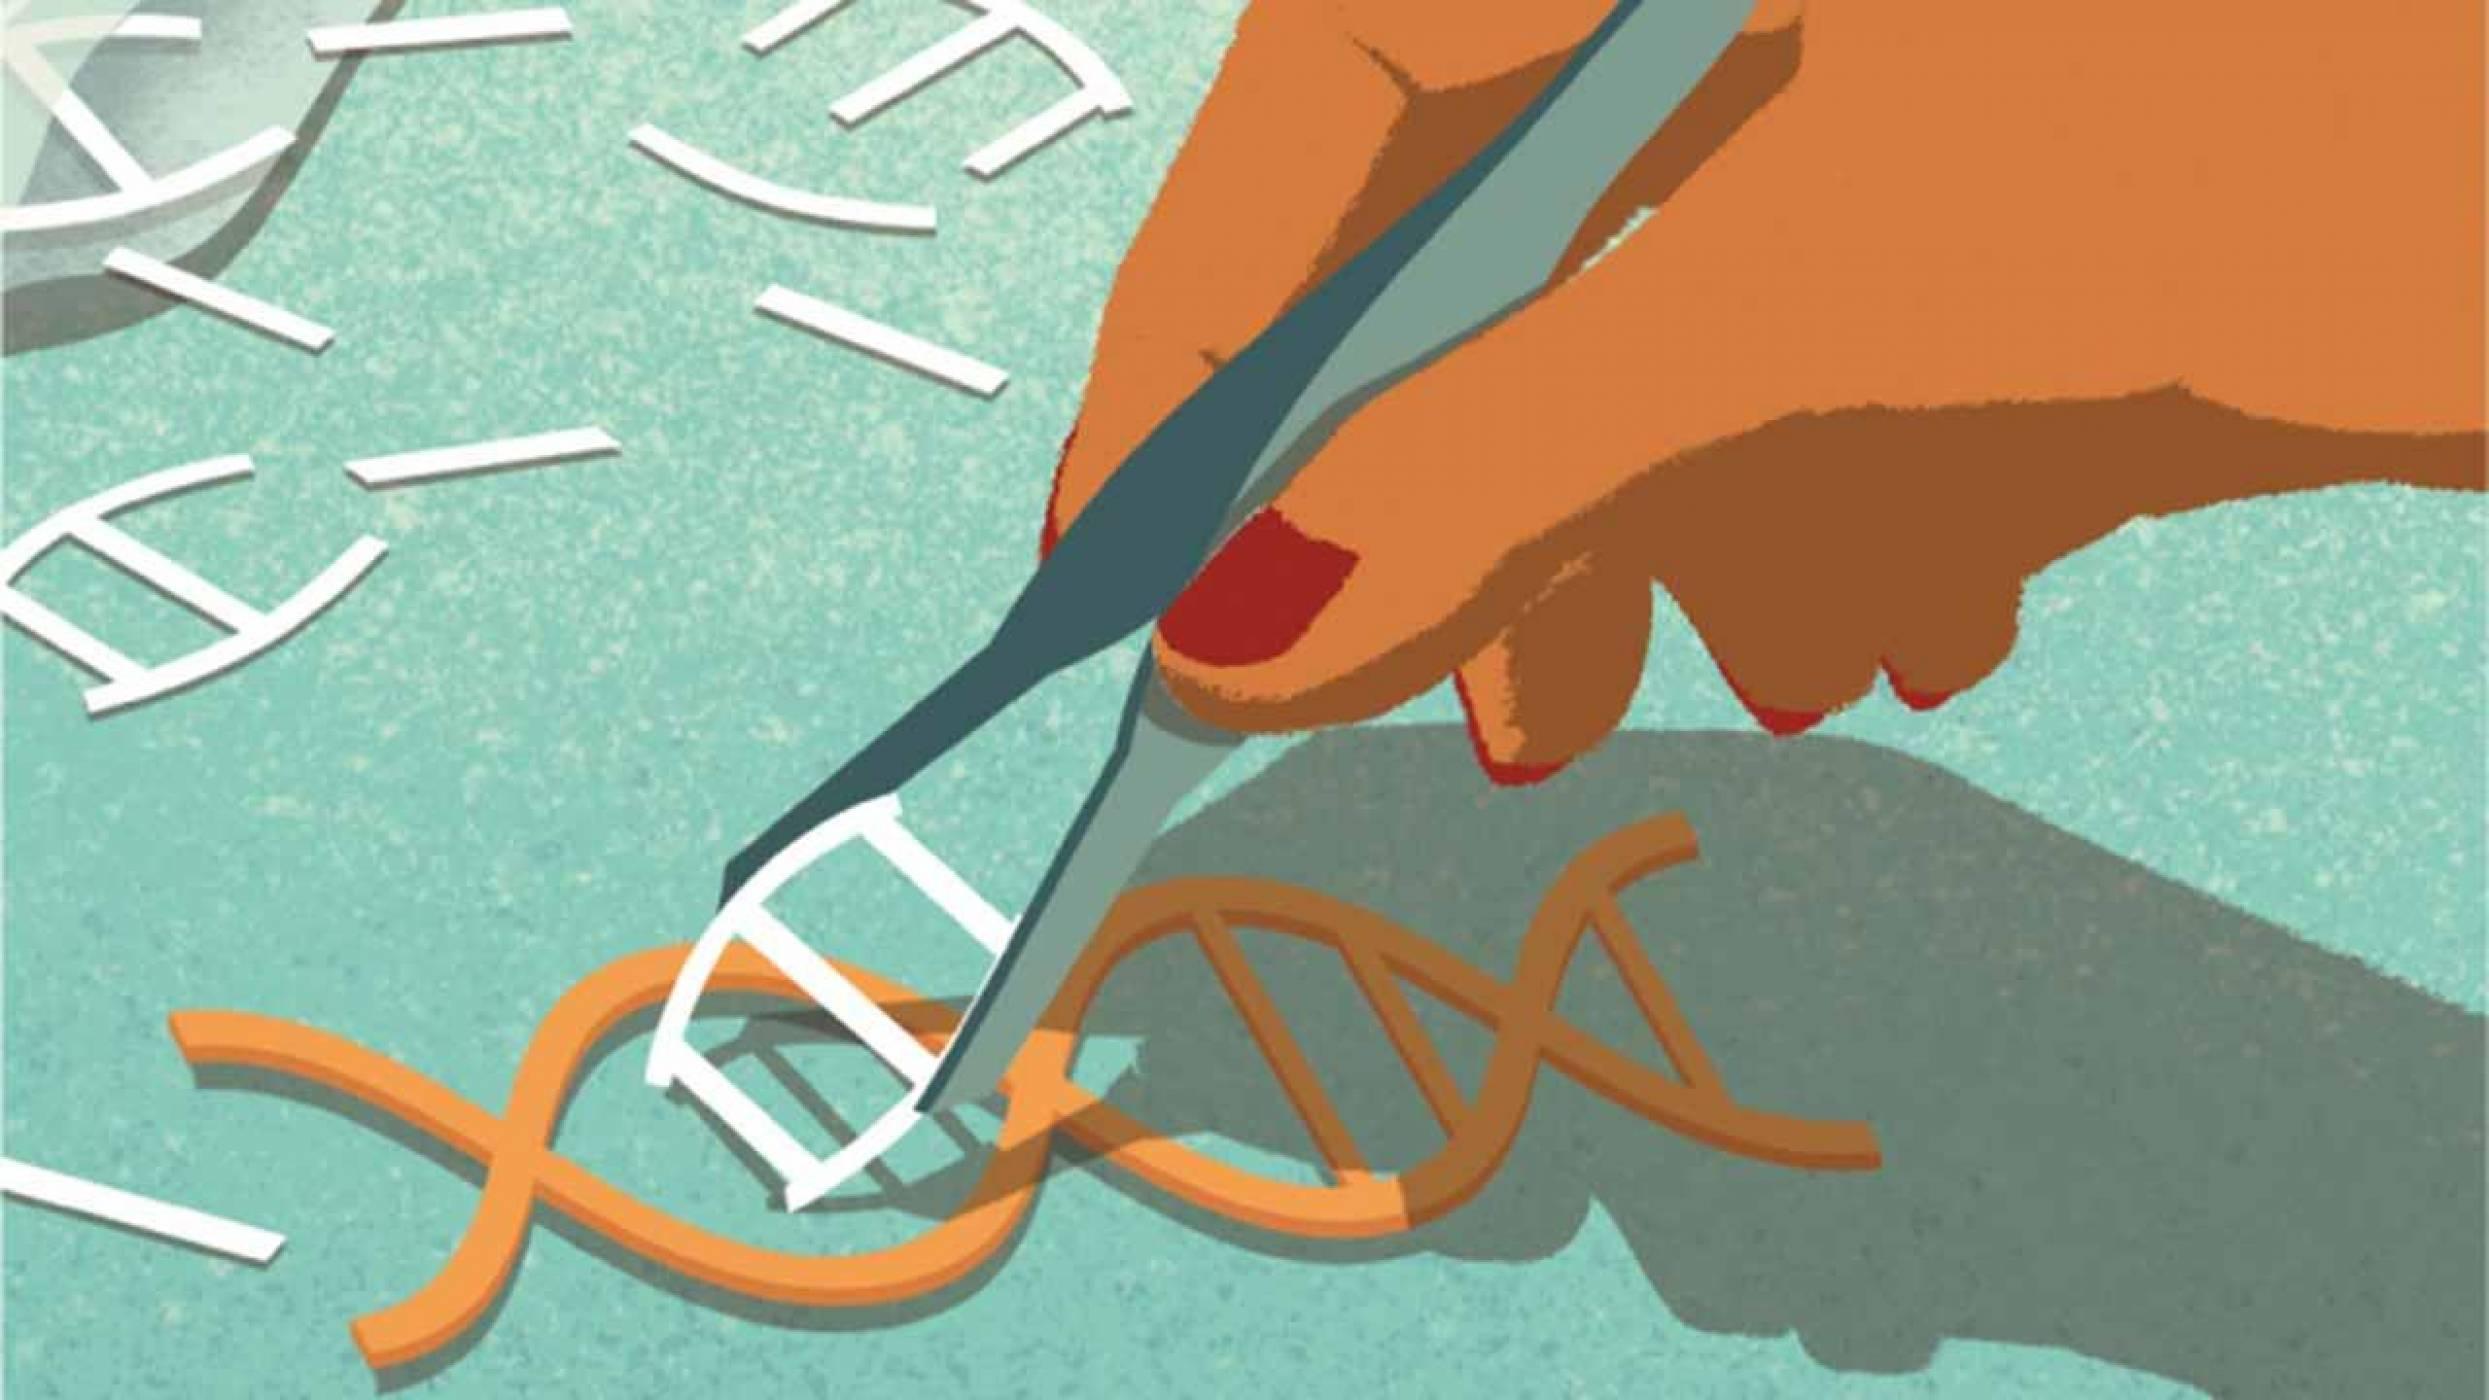 Тежка генетична мутация в човешки ембриони беше премахната с CRISPR